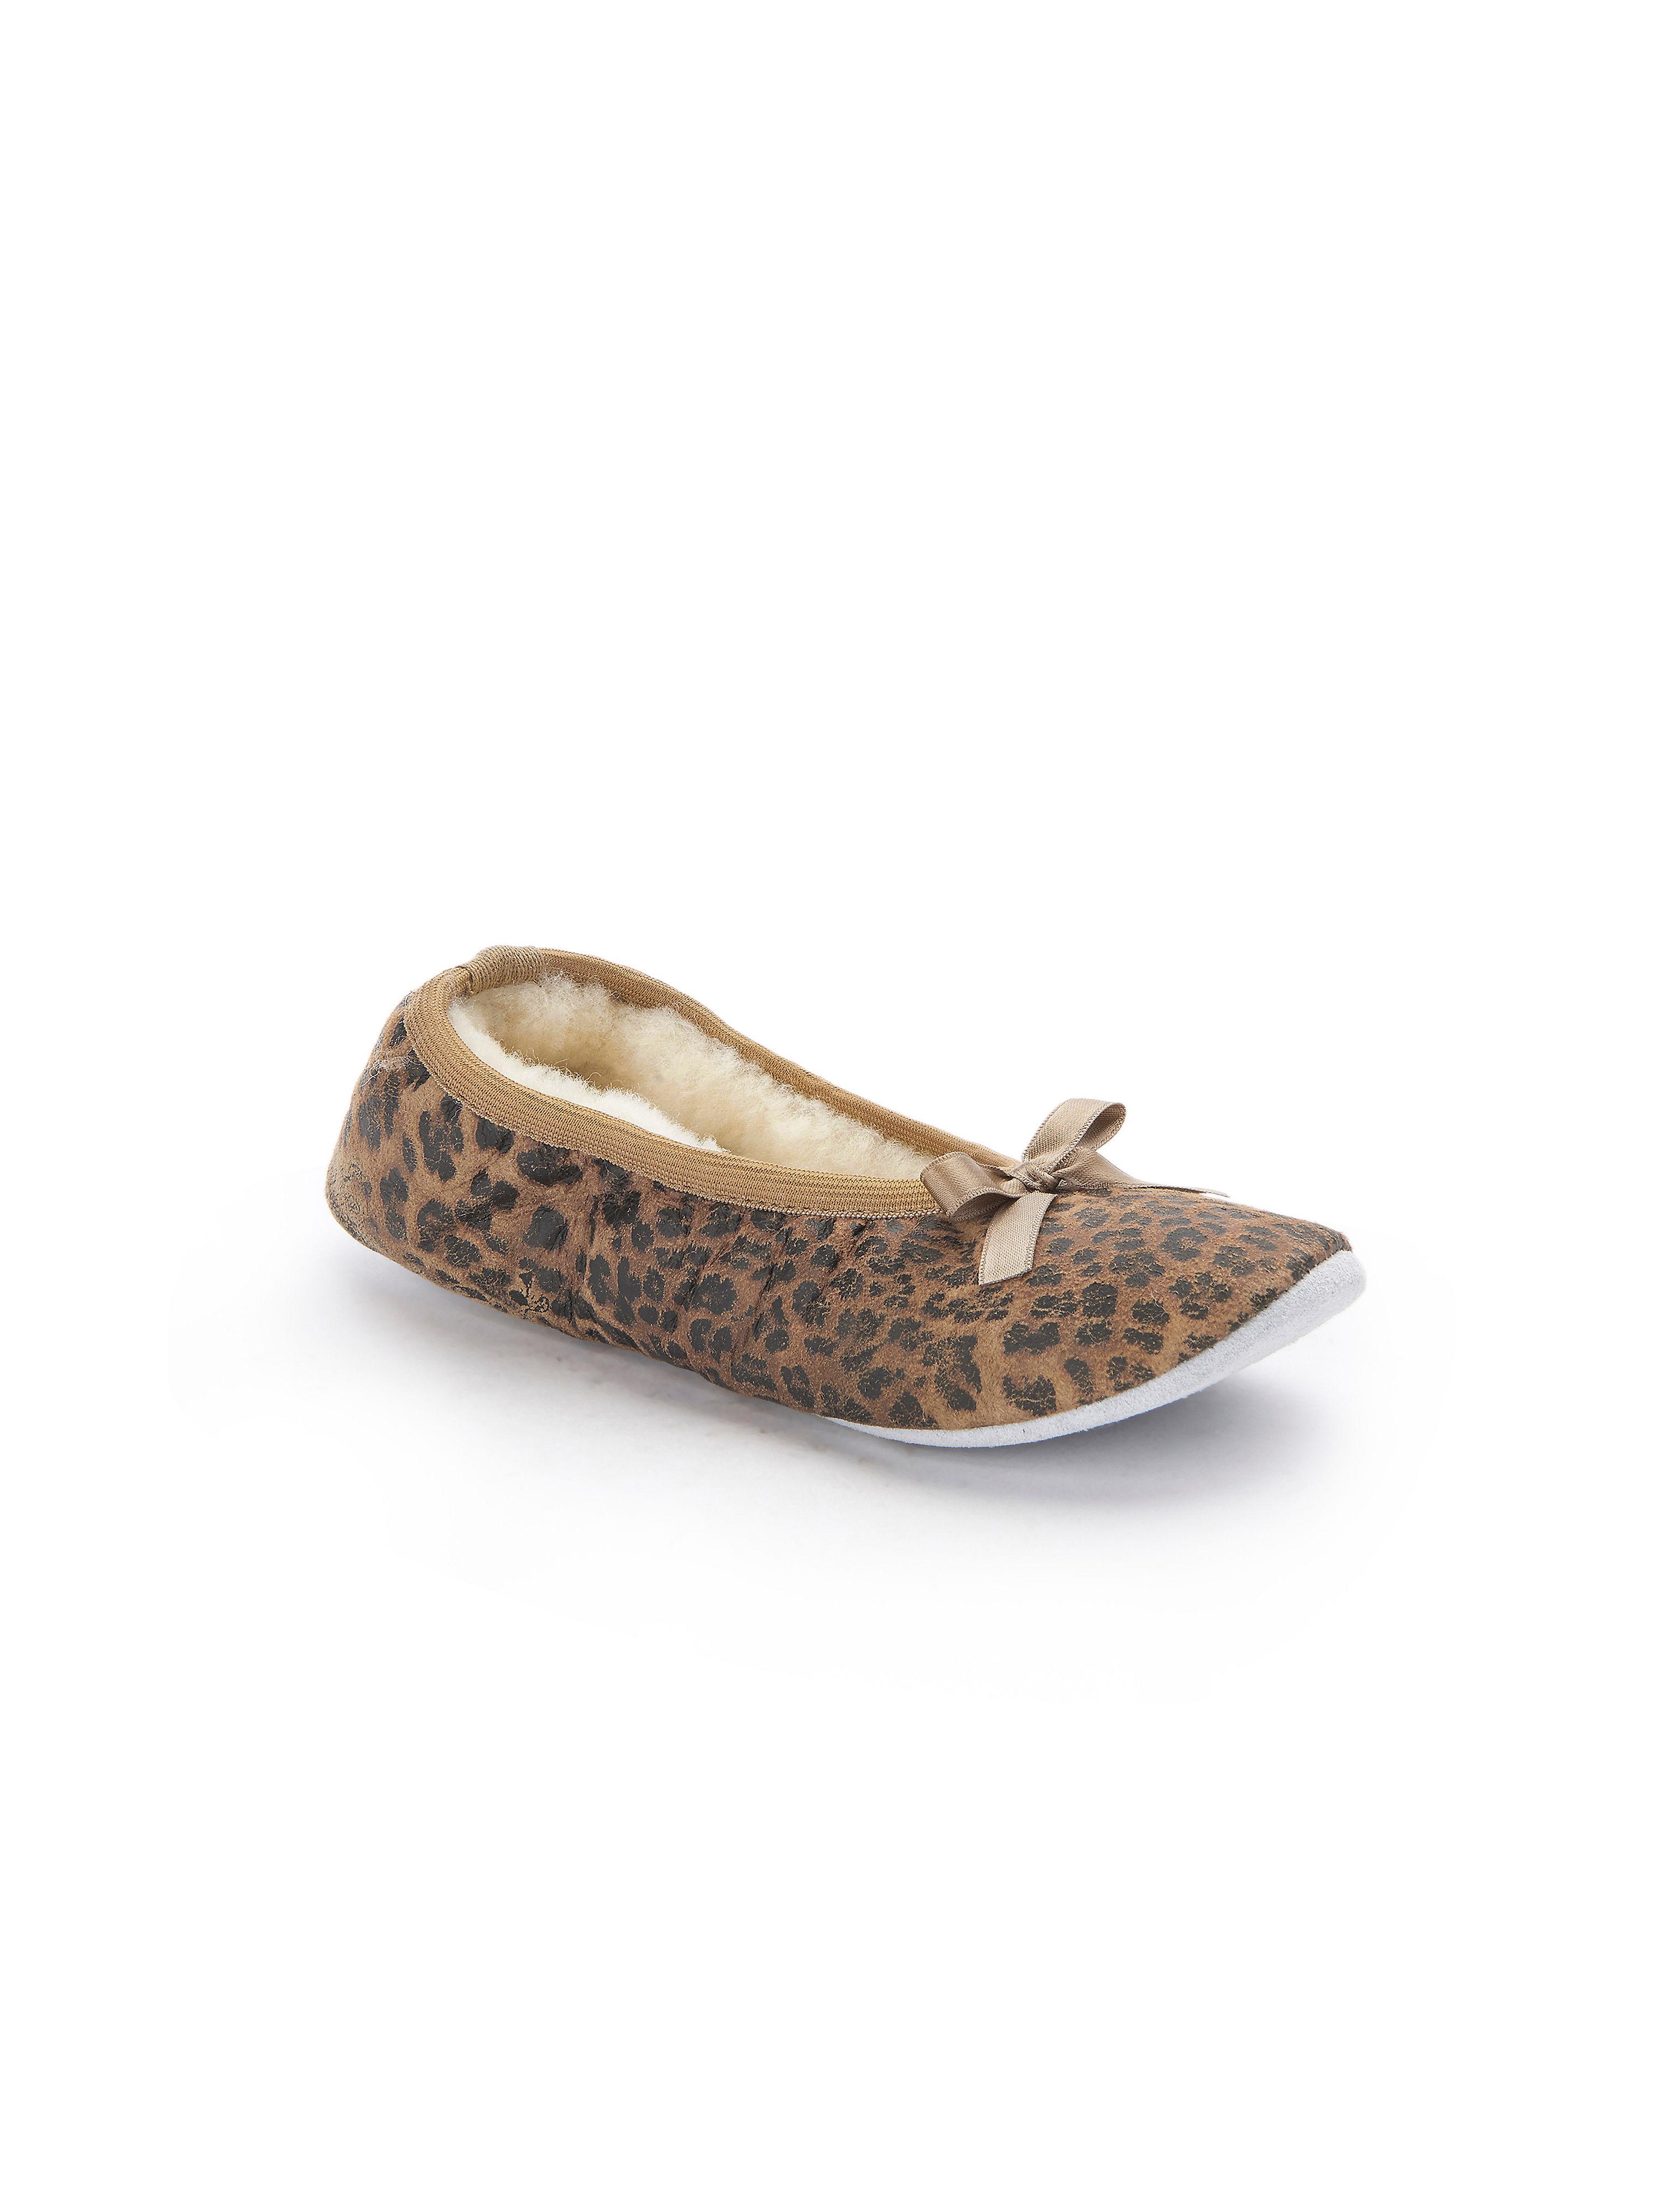 Shepherd - Femininer Ballerina - Braun-Schwarz Gute Qualität beliebte Schuhe